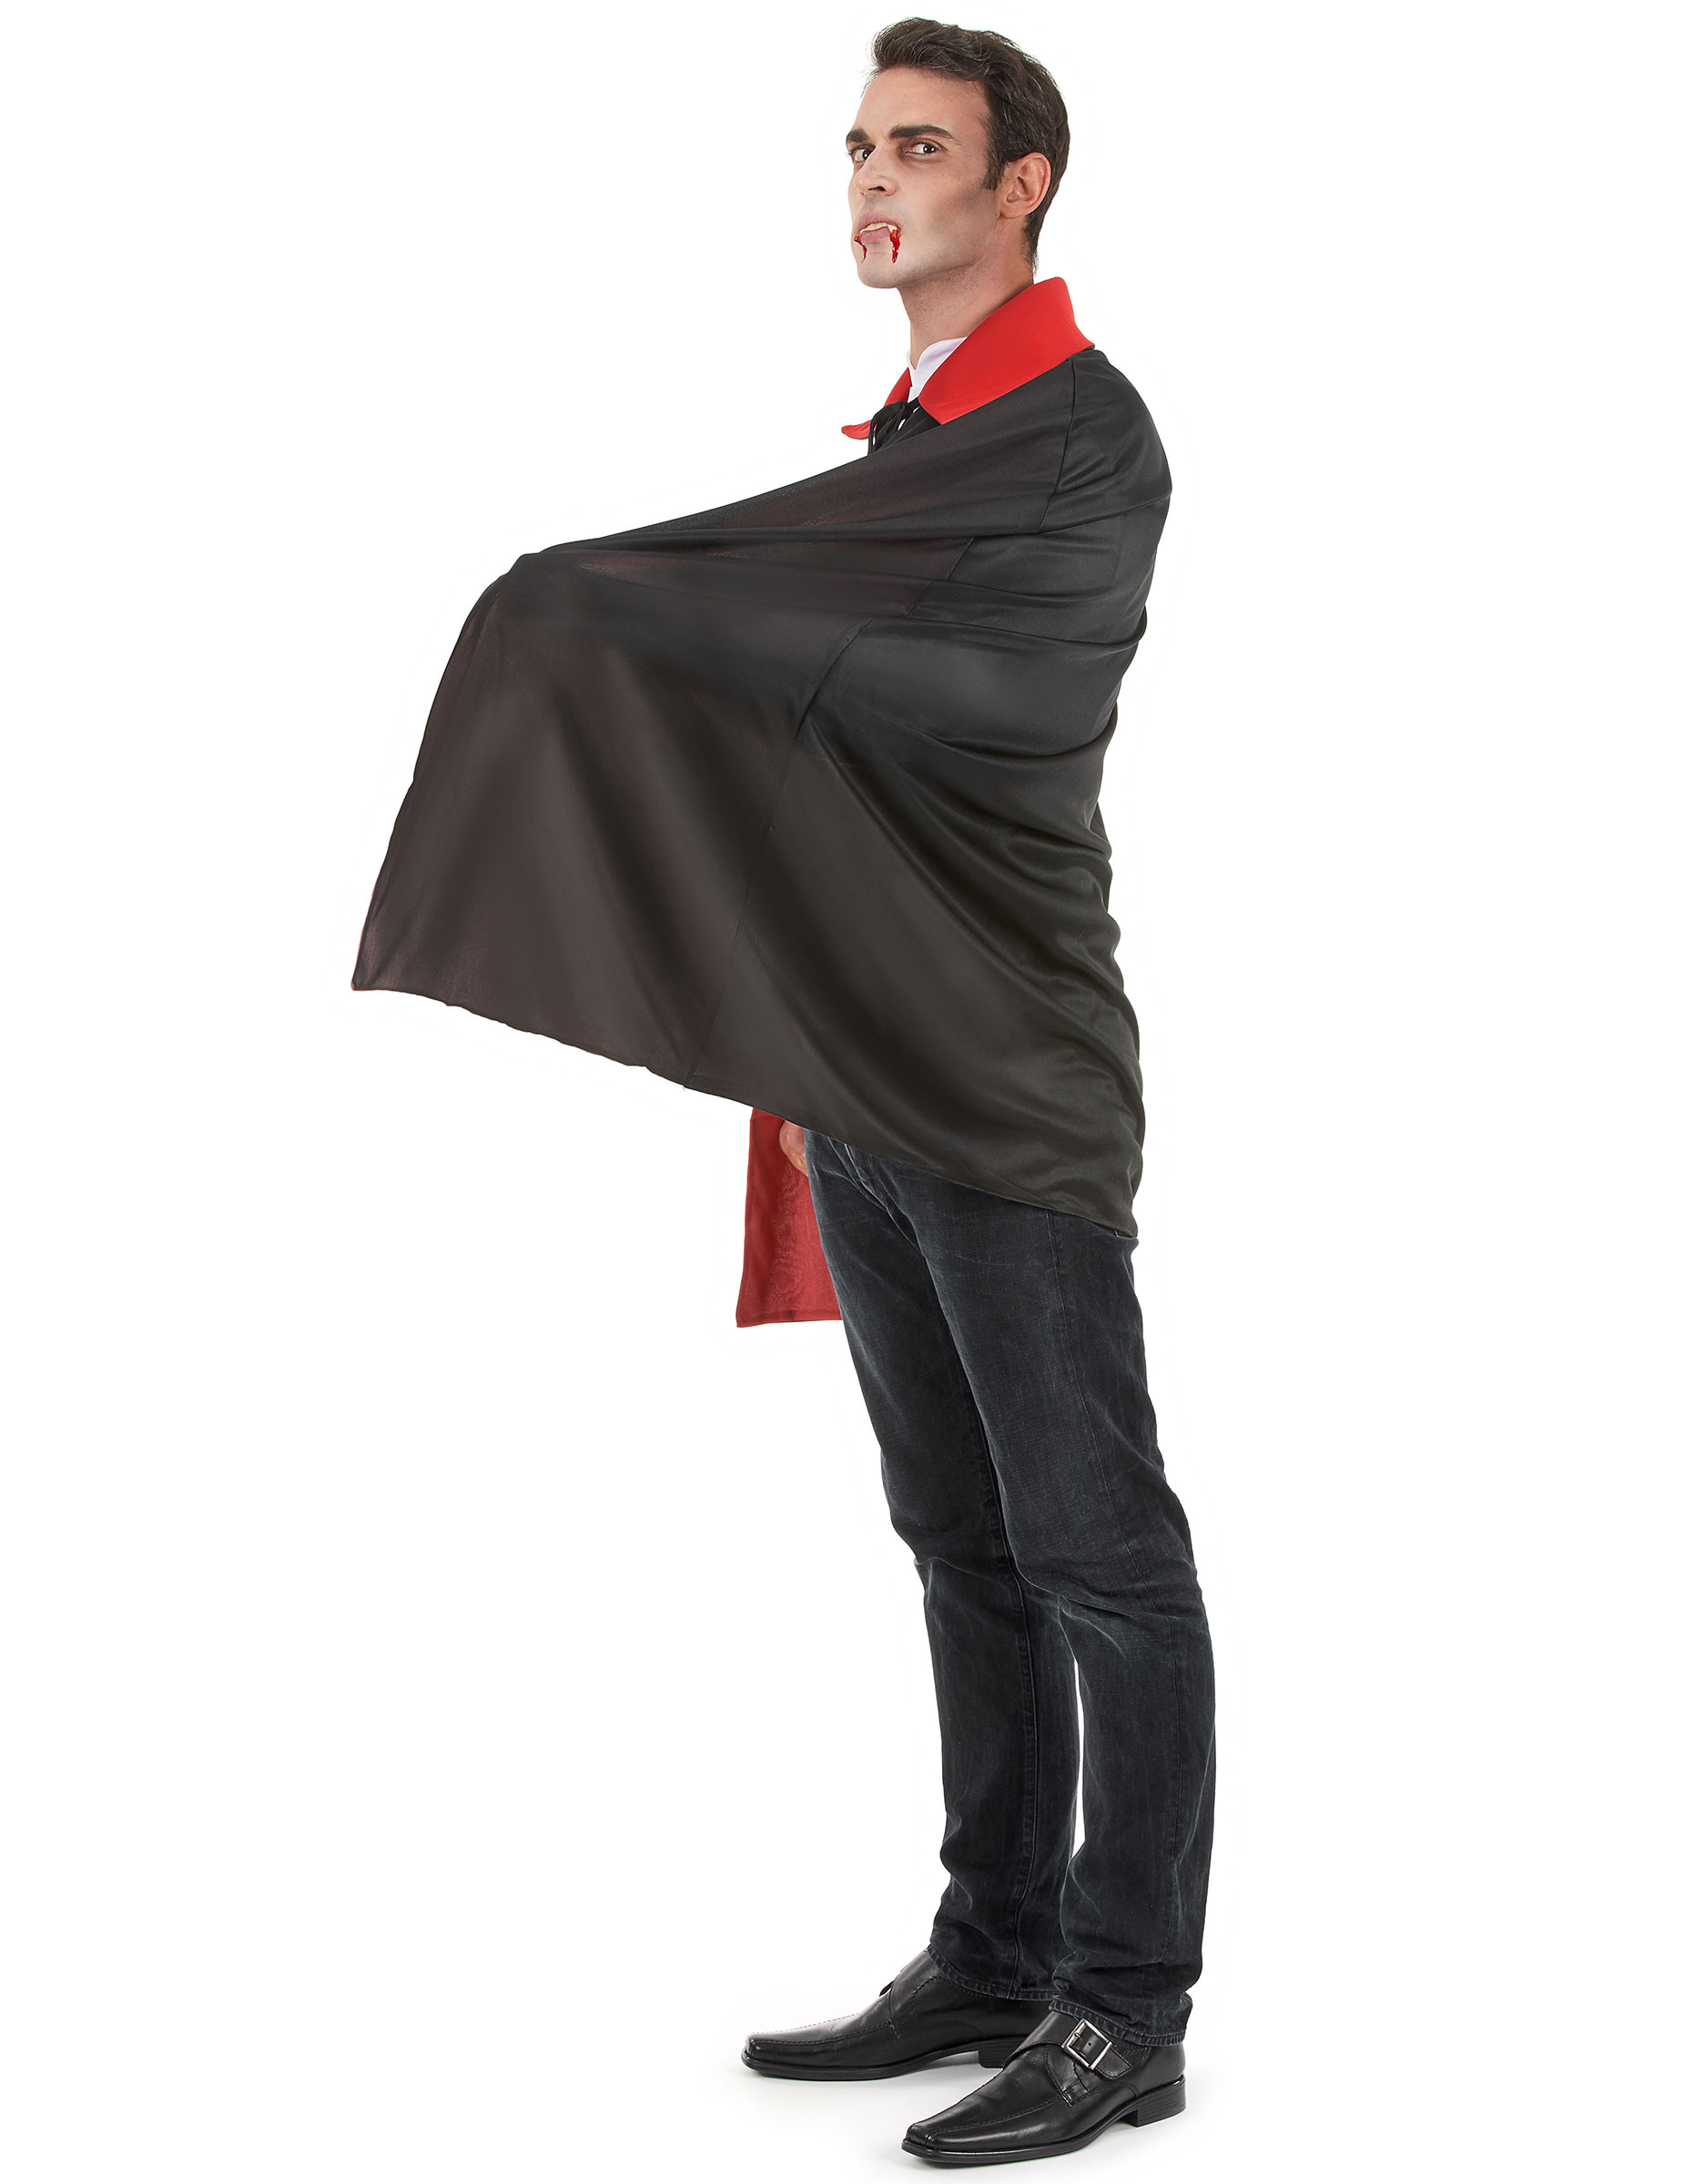 Vampyrkostym - Kläder till Halloween för vuxna-1 28cfacce97bdb